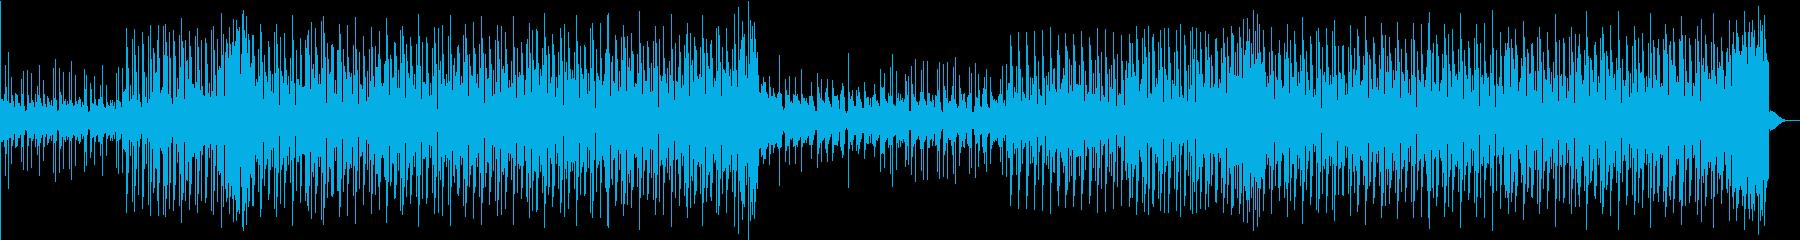 ちょっと切ない夏のポップス/EDMの再生済みの波形